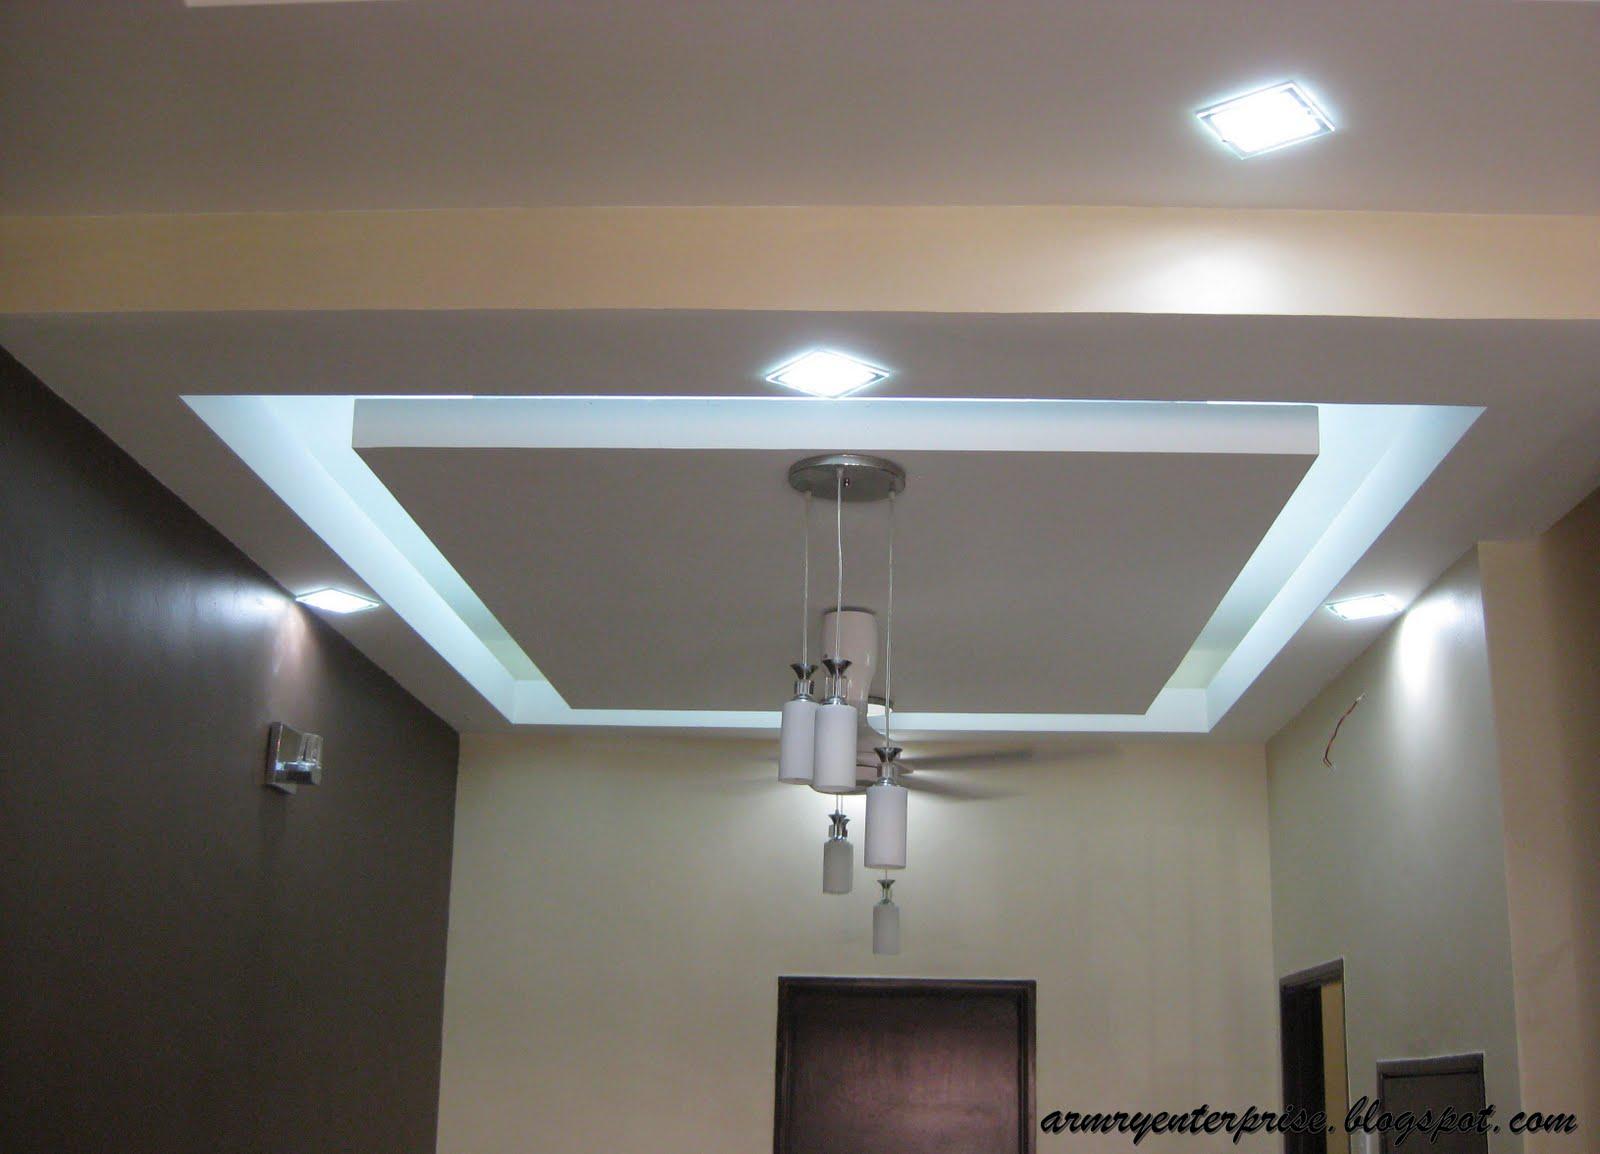 contoh gambar kapur siling plaster ceiling yang diambil